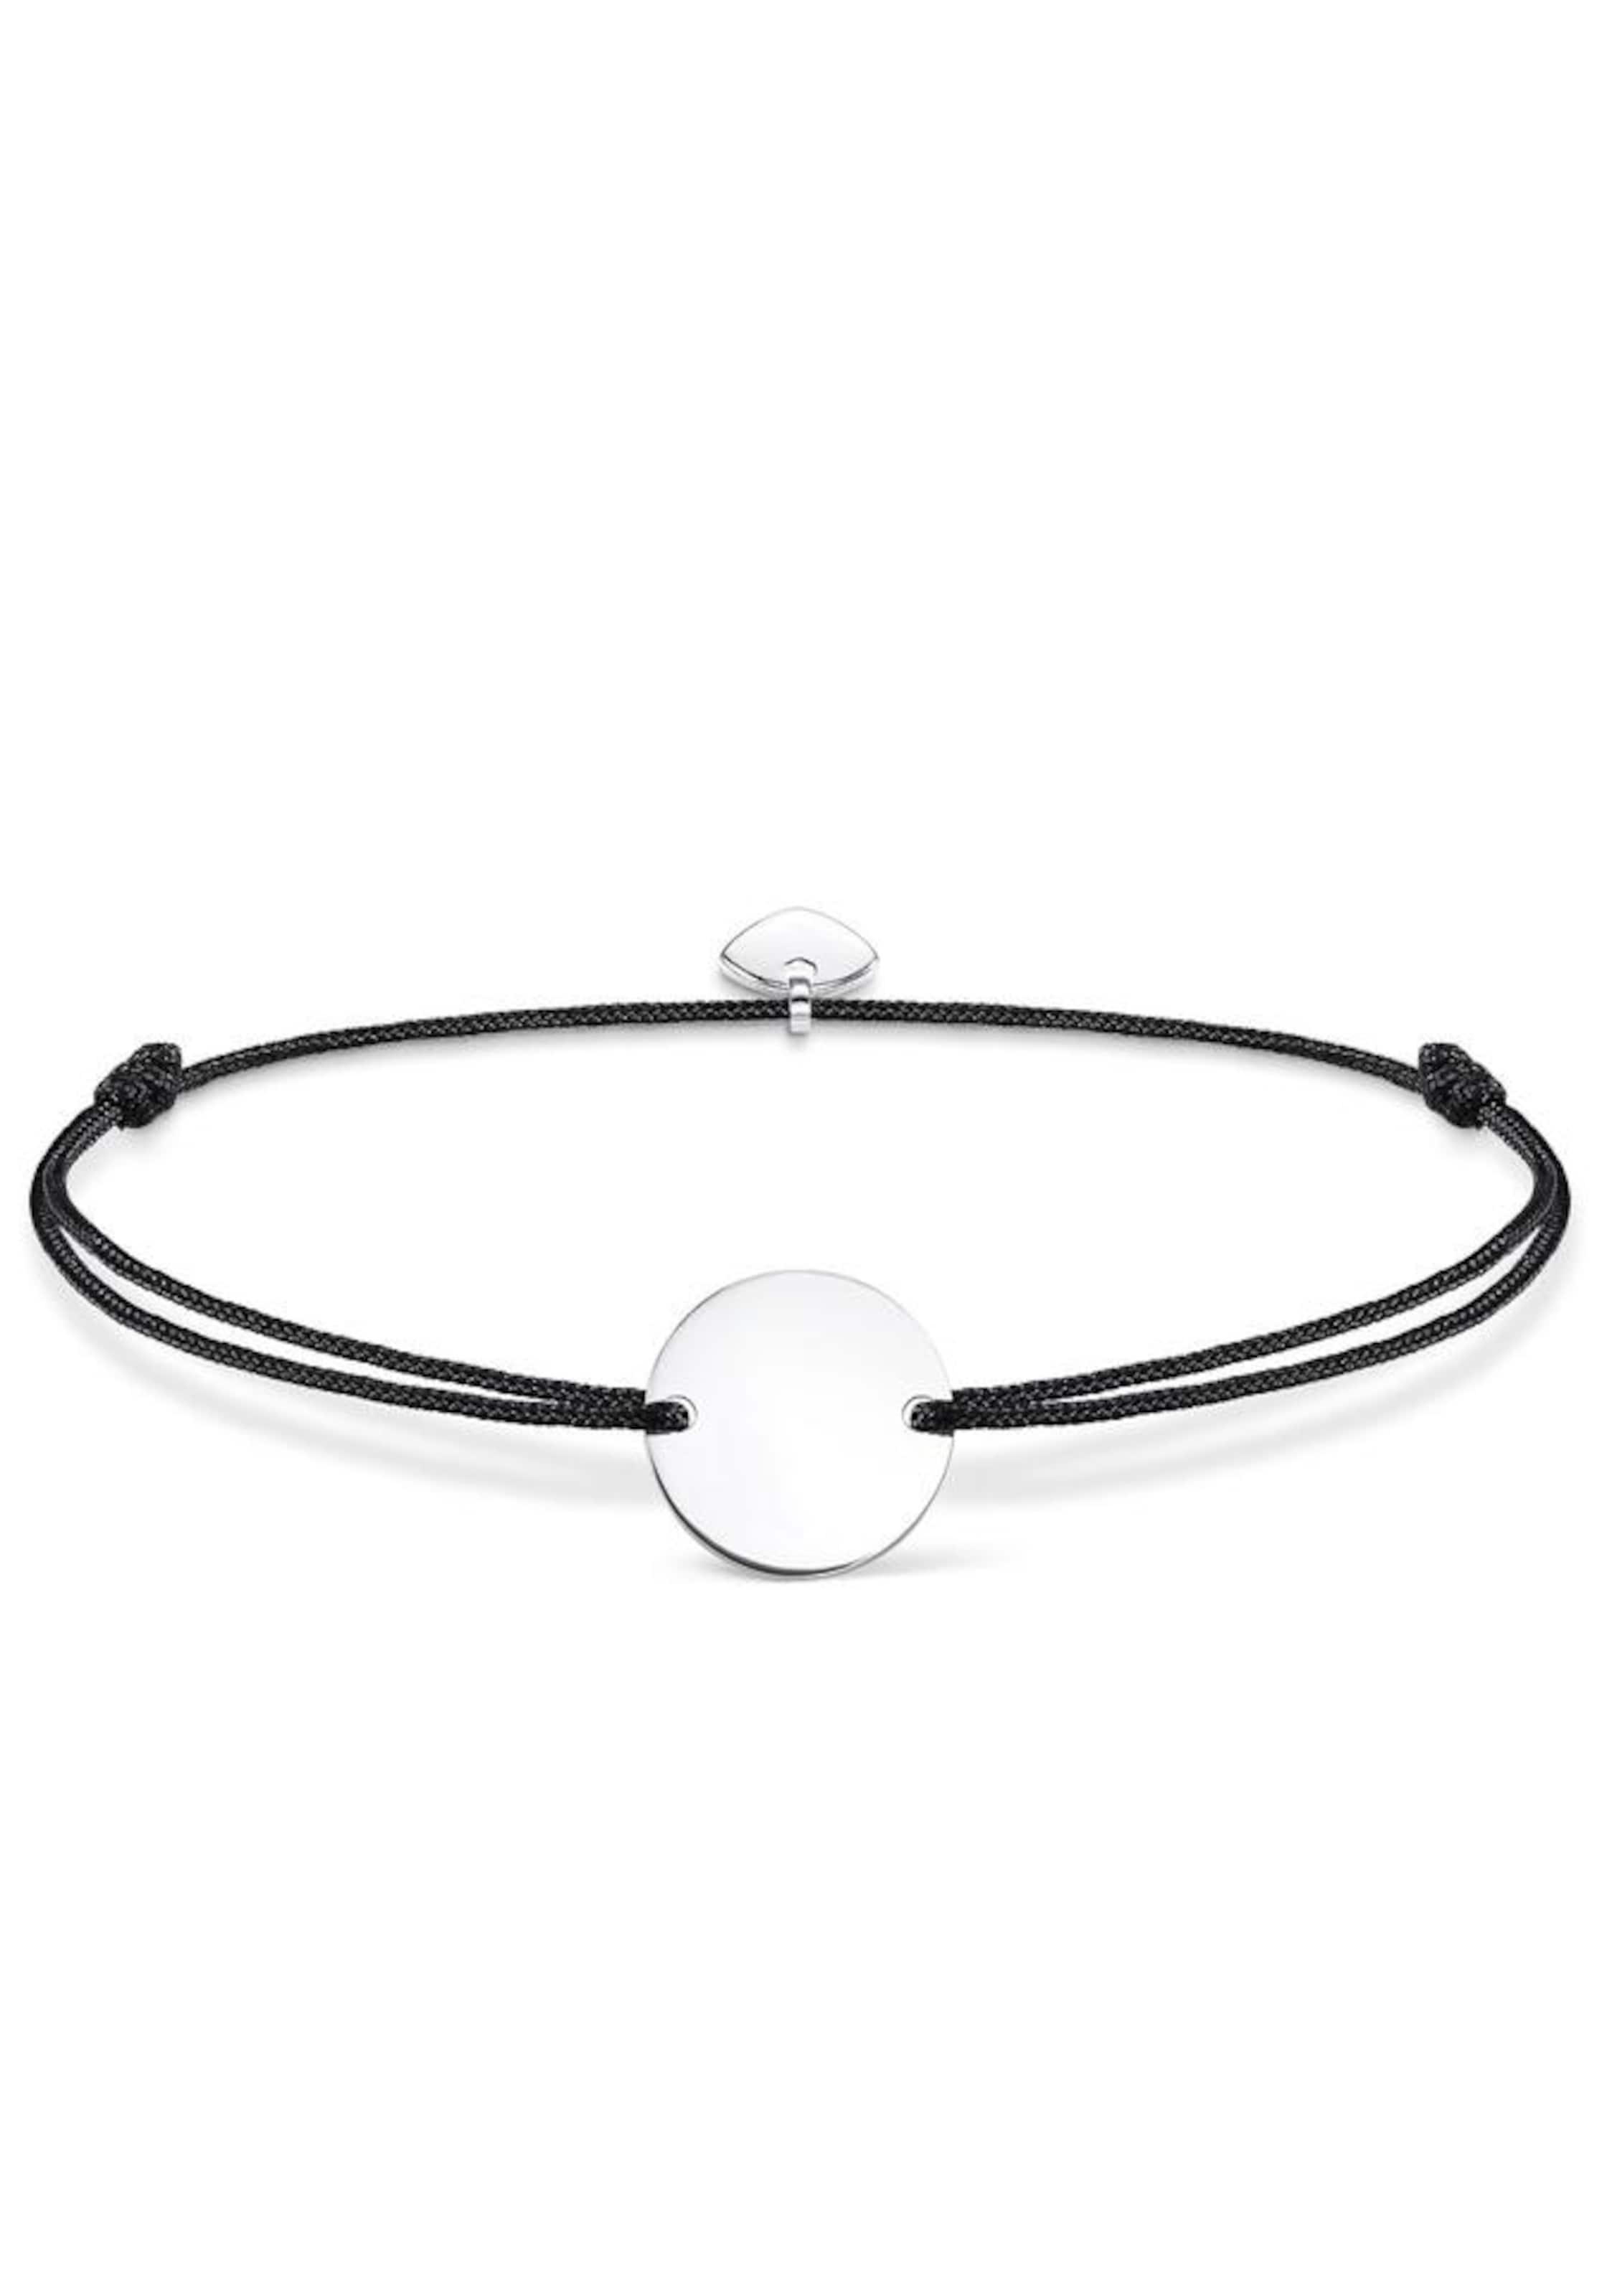 Billig Verkaufen Die Billigsten Billigpreisnachlass Authentisch Thomas Sabo Armband 'Little Secret' foWsWRWrf